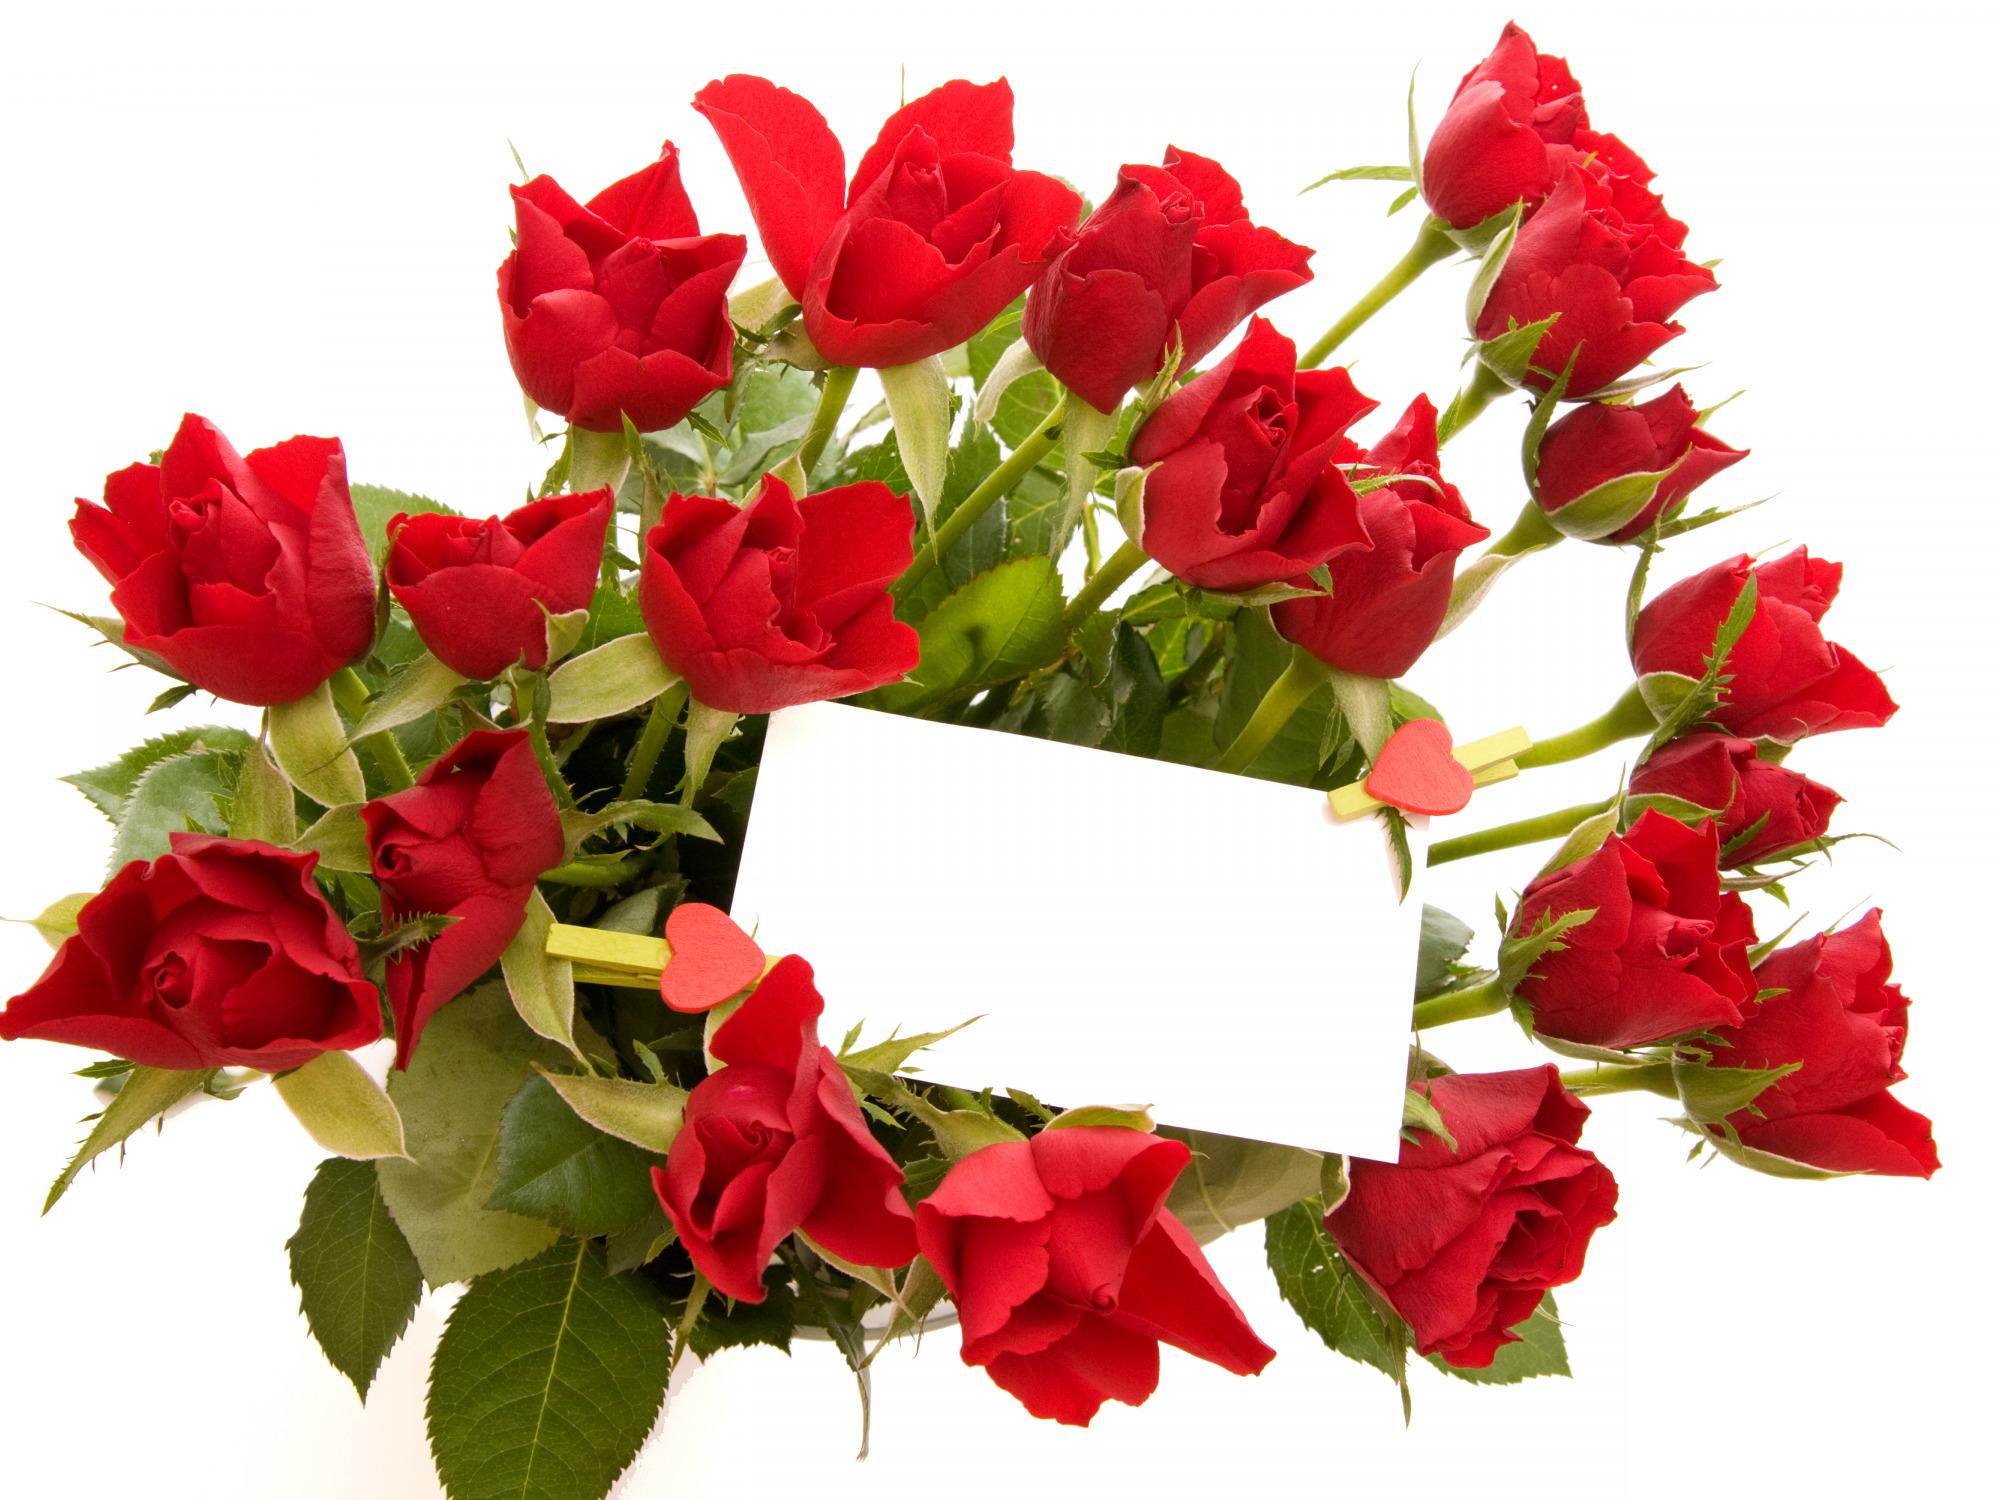 Картинки, открытка с фотографиями поздравляющих